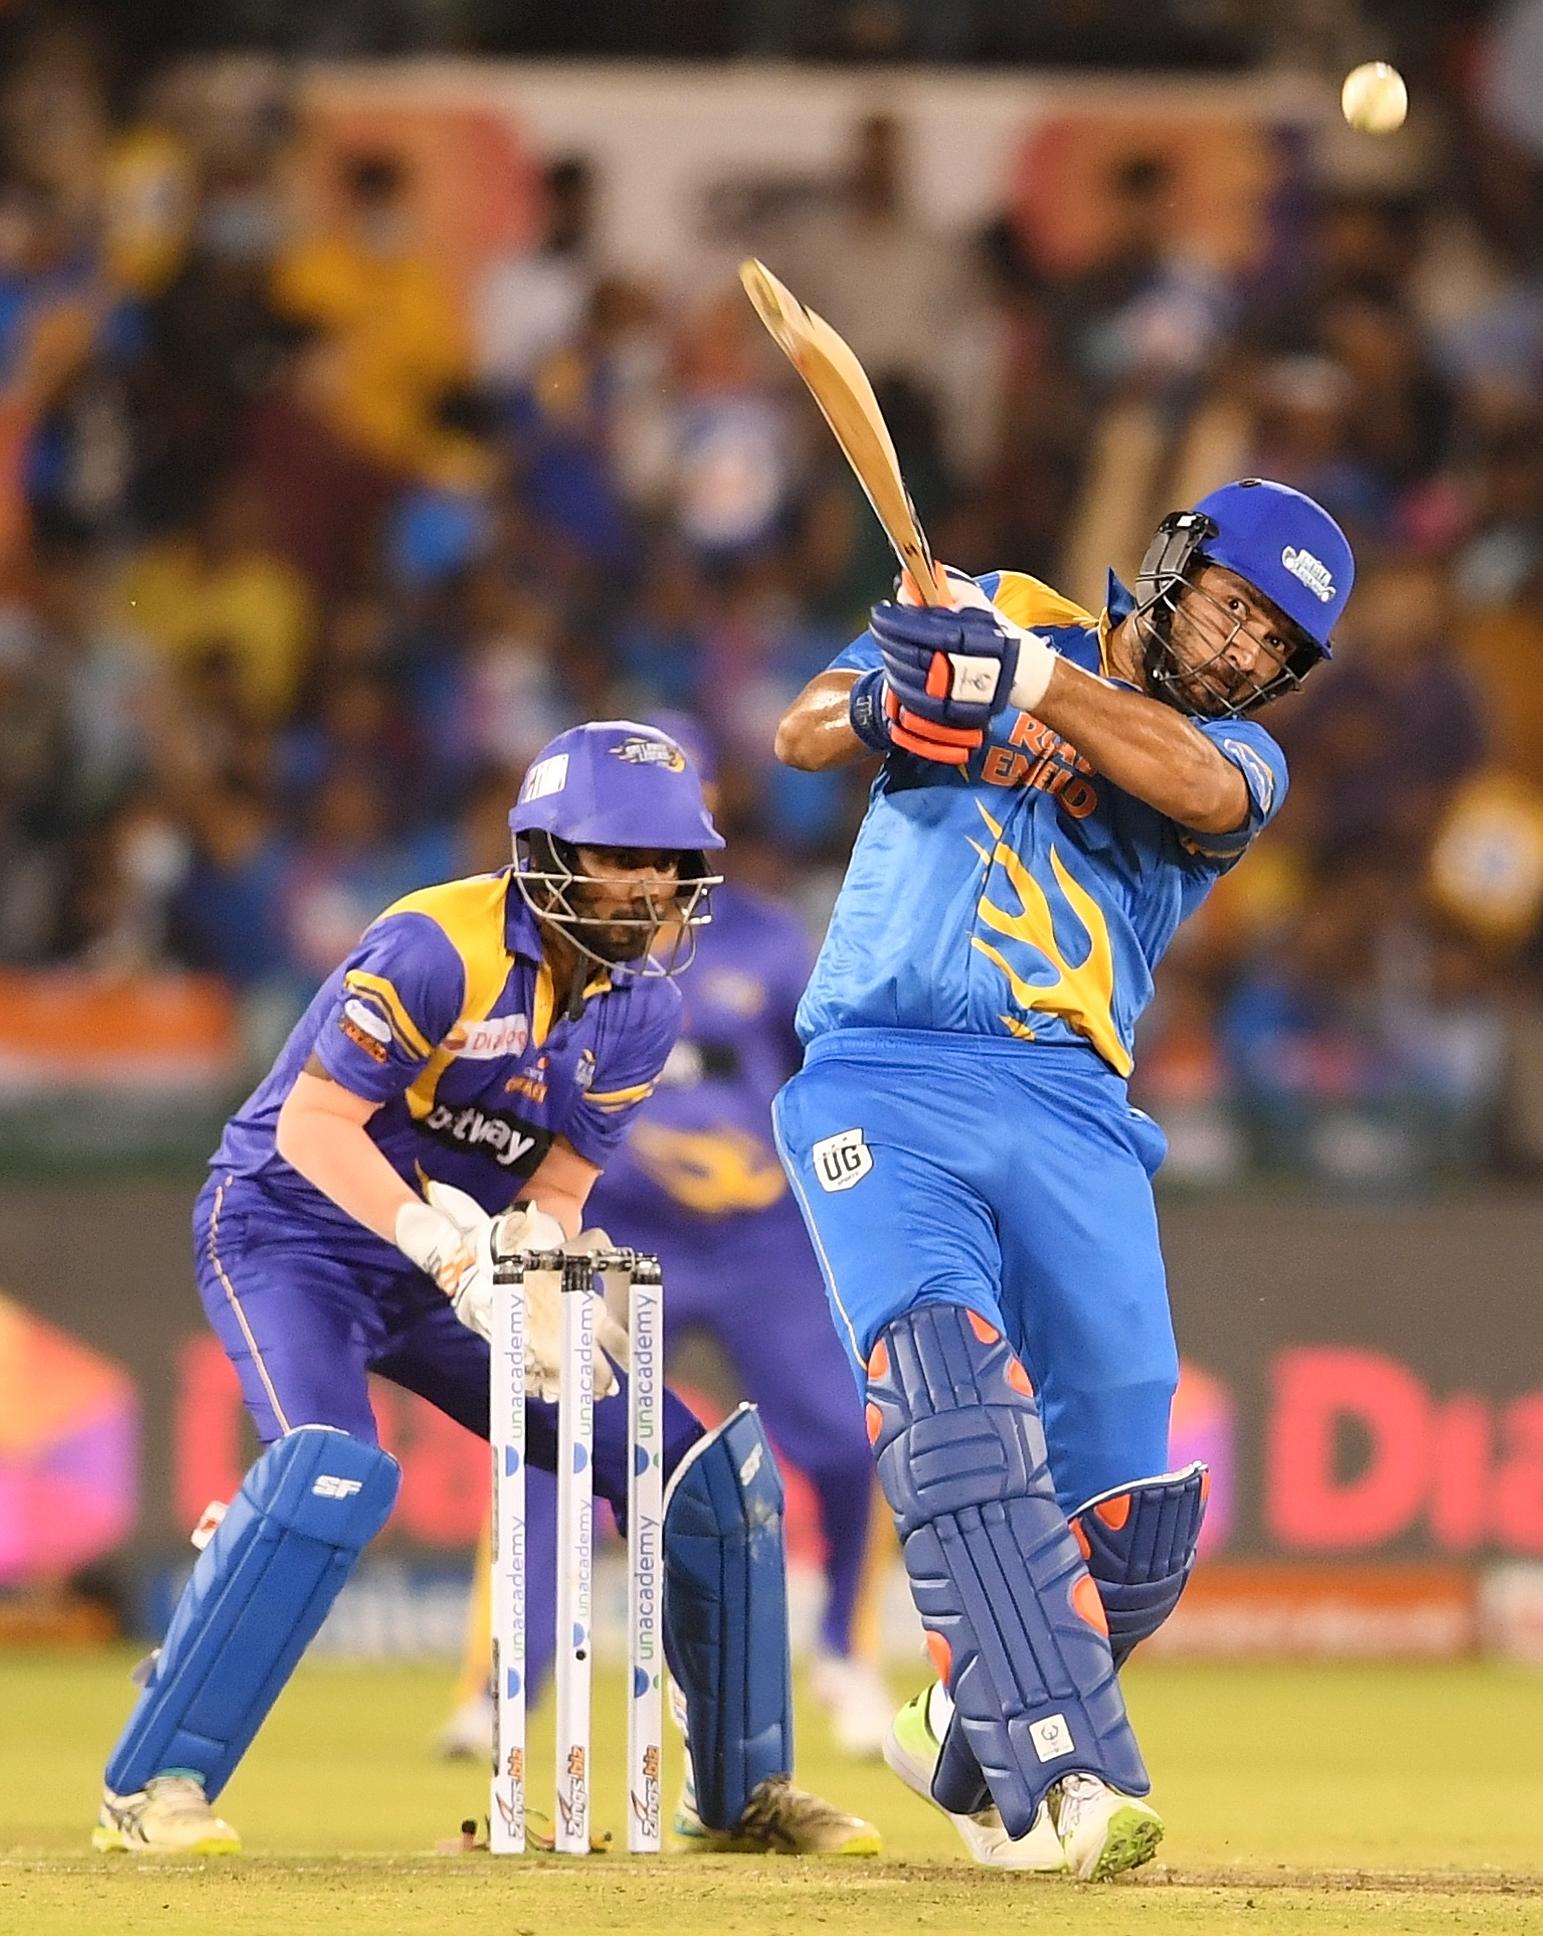 इंडिया लीजेंड्स को खिताब जीताने वाले यह 3 खिलाड़ी, भारतीय टीम में खेलने का रखते हैं दम 2